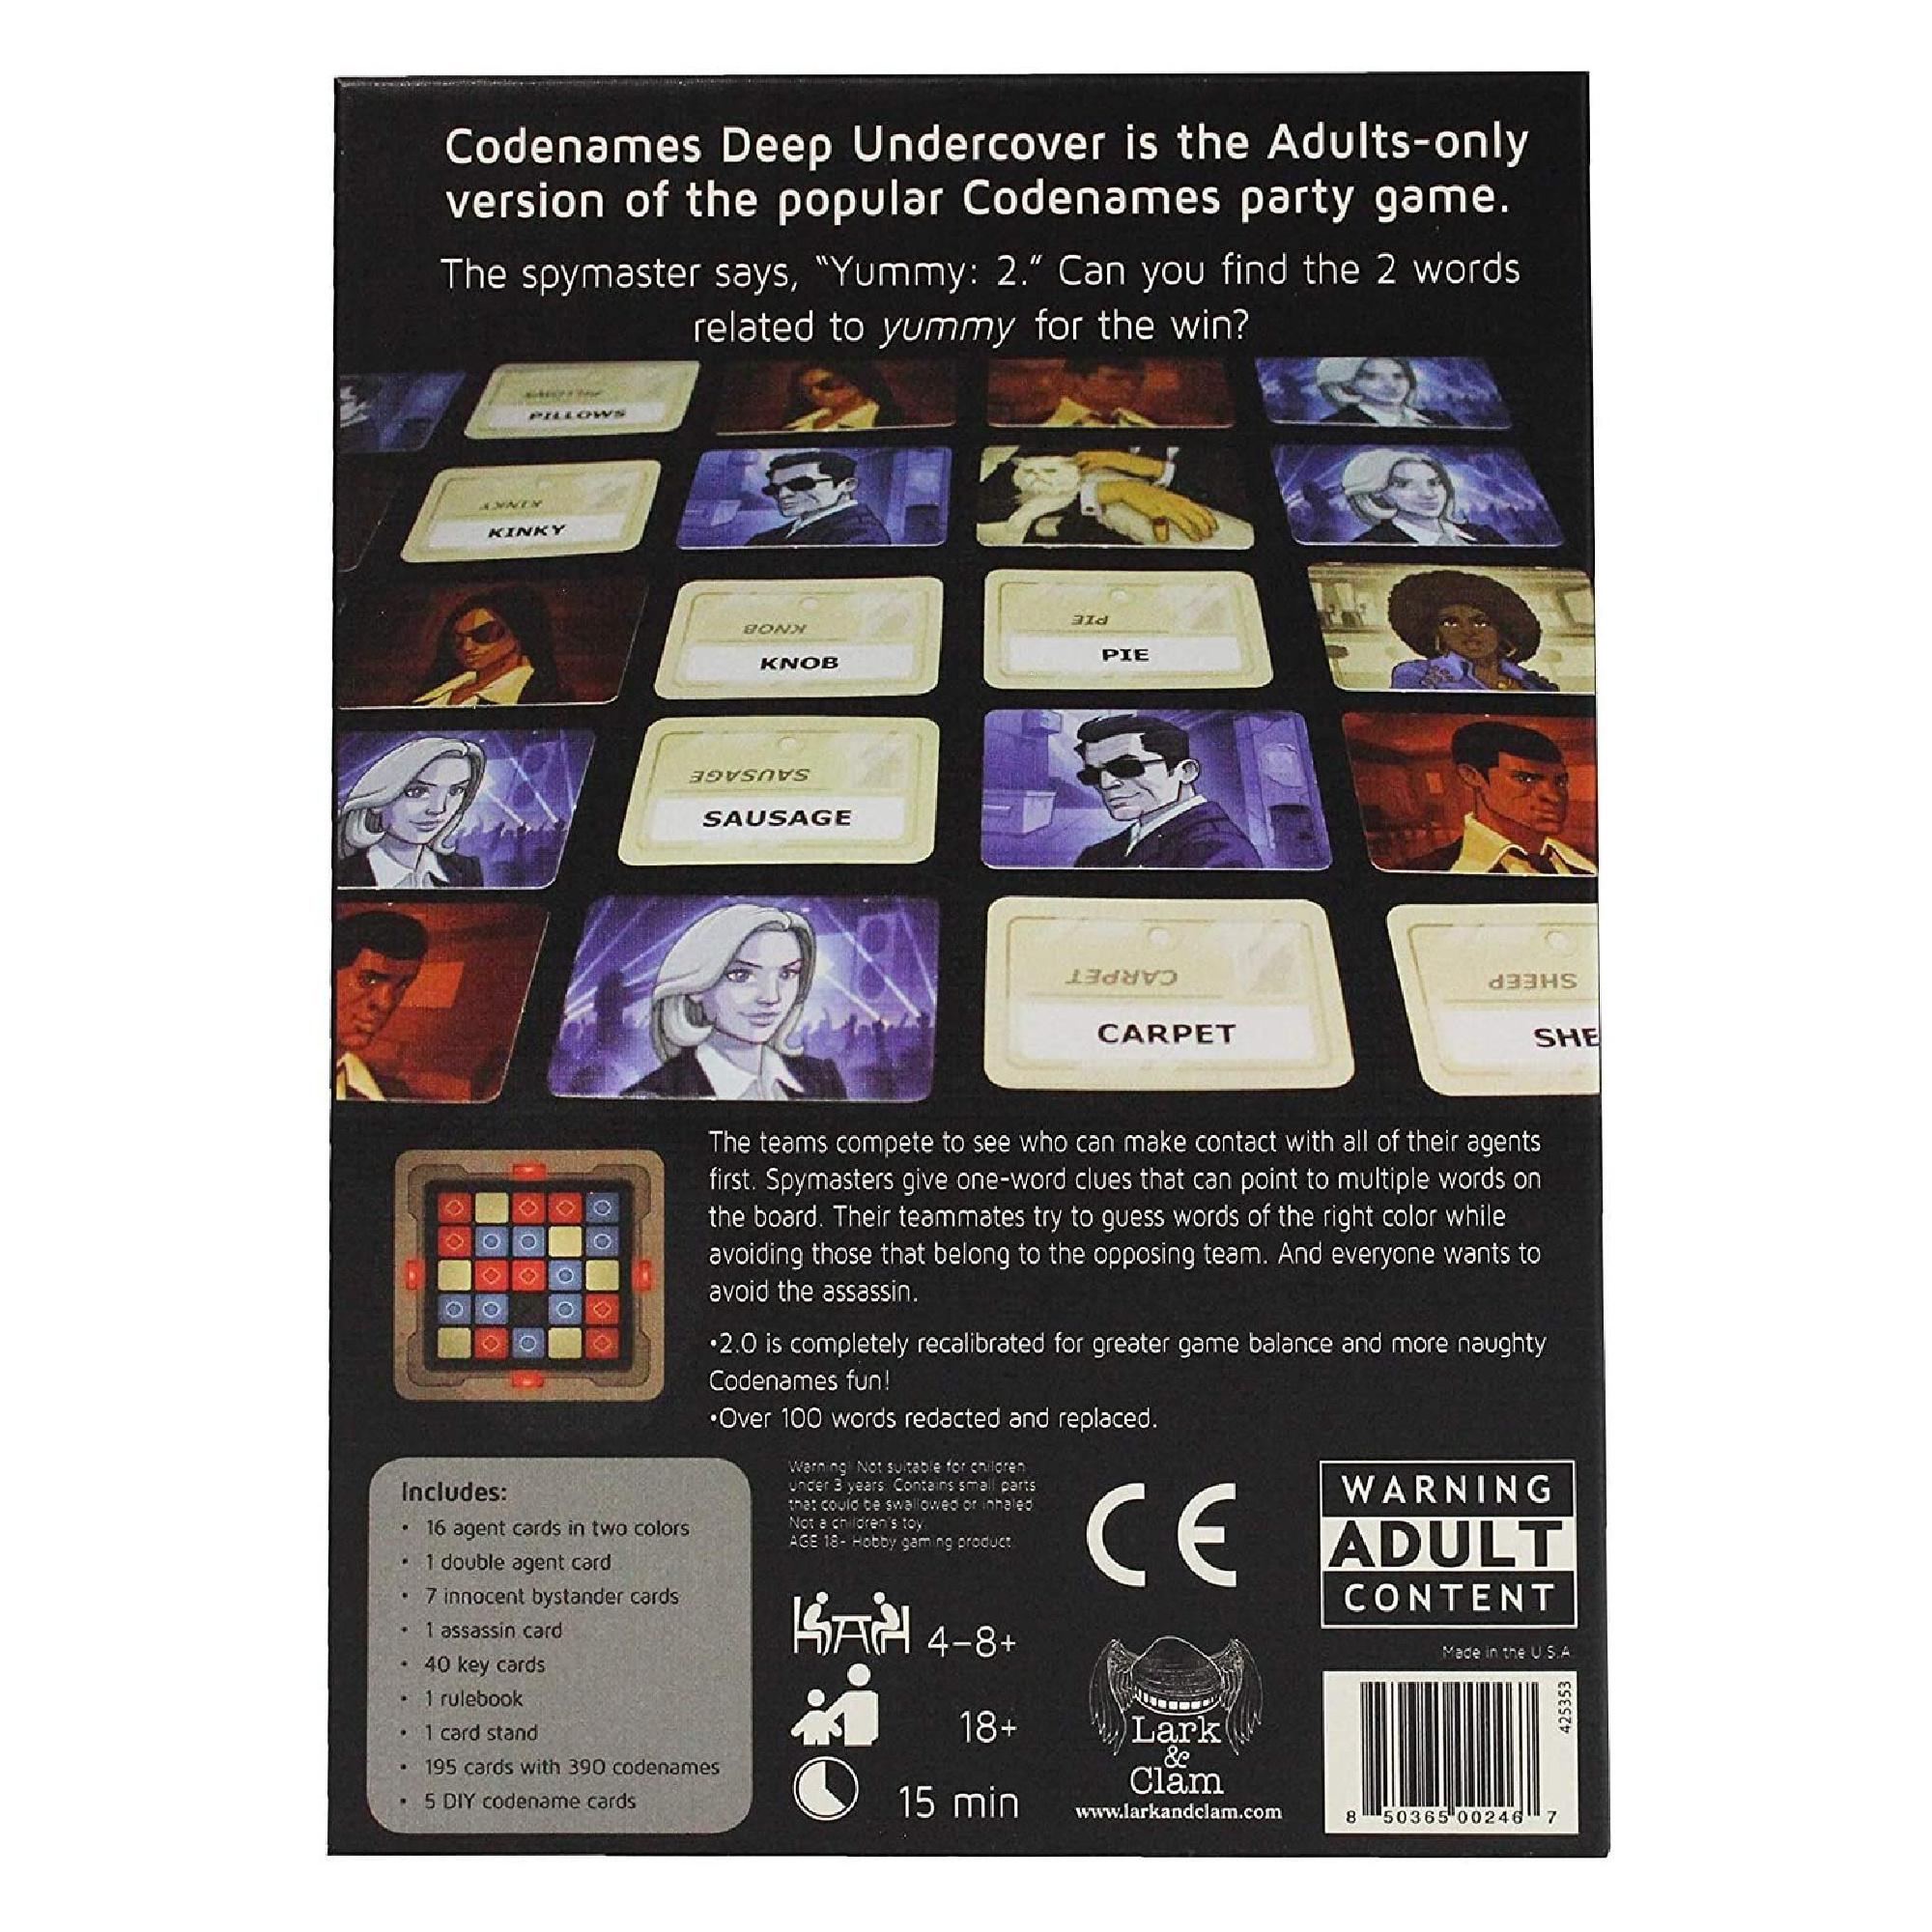 Czech Games Edition Codenames: Deep Undercover 2.0